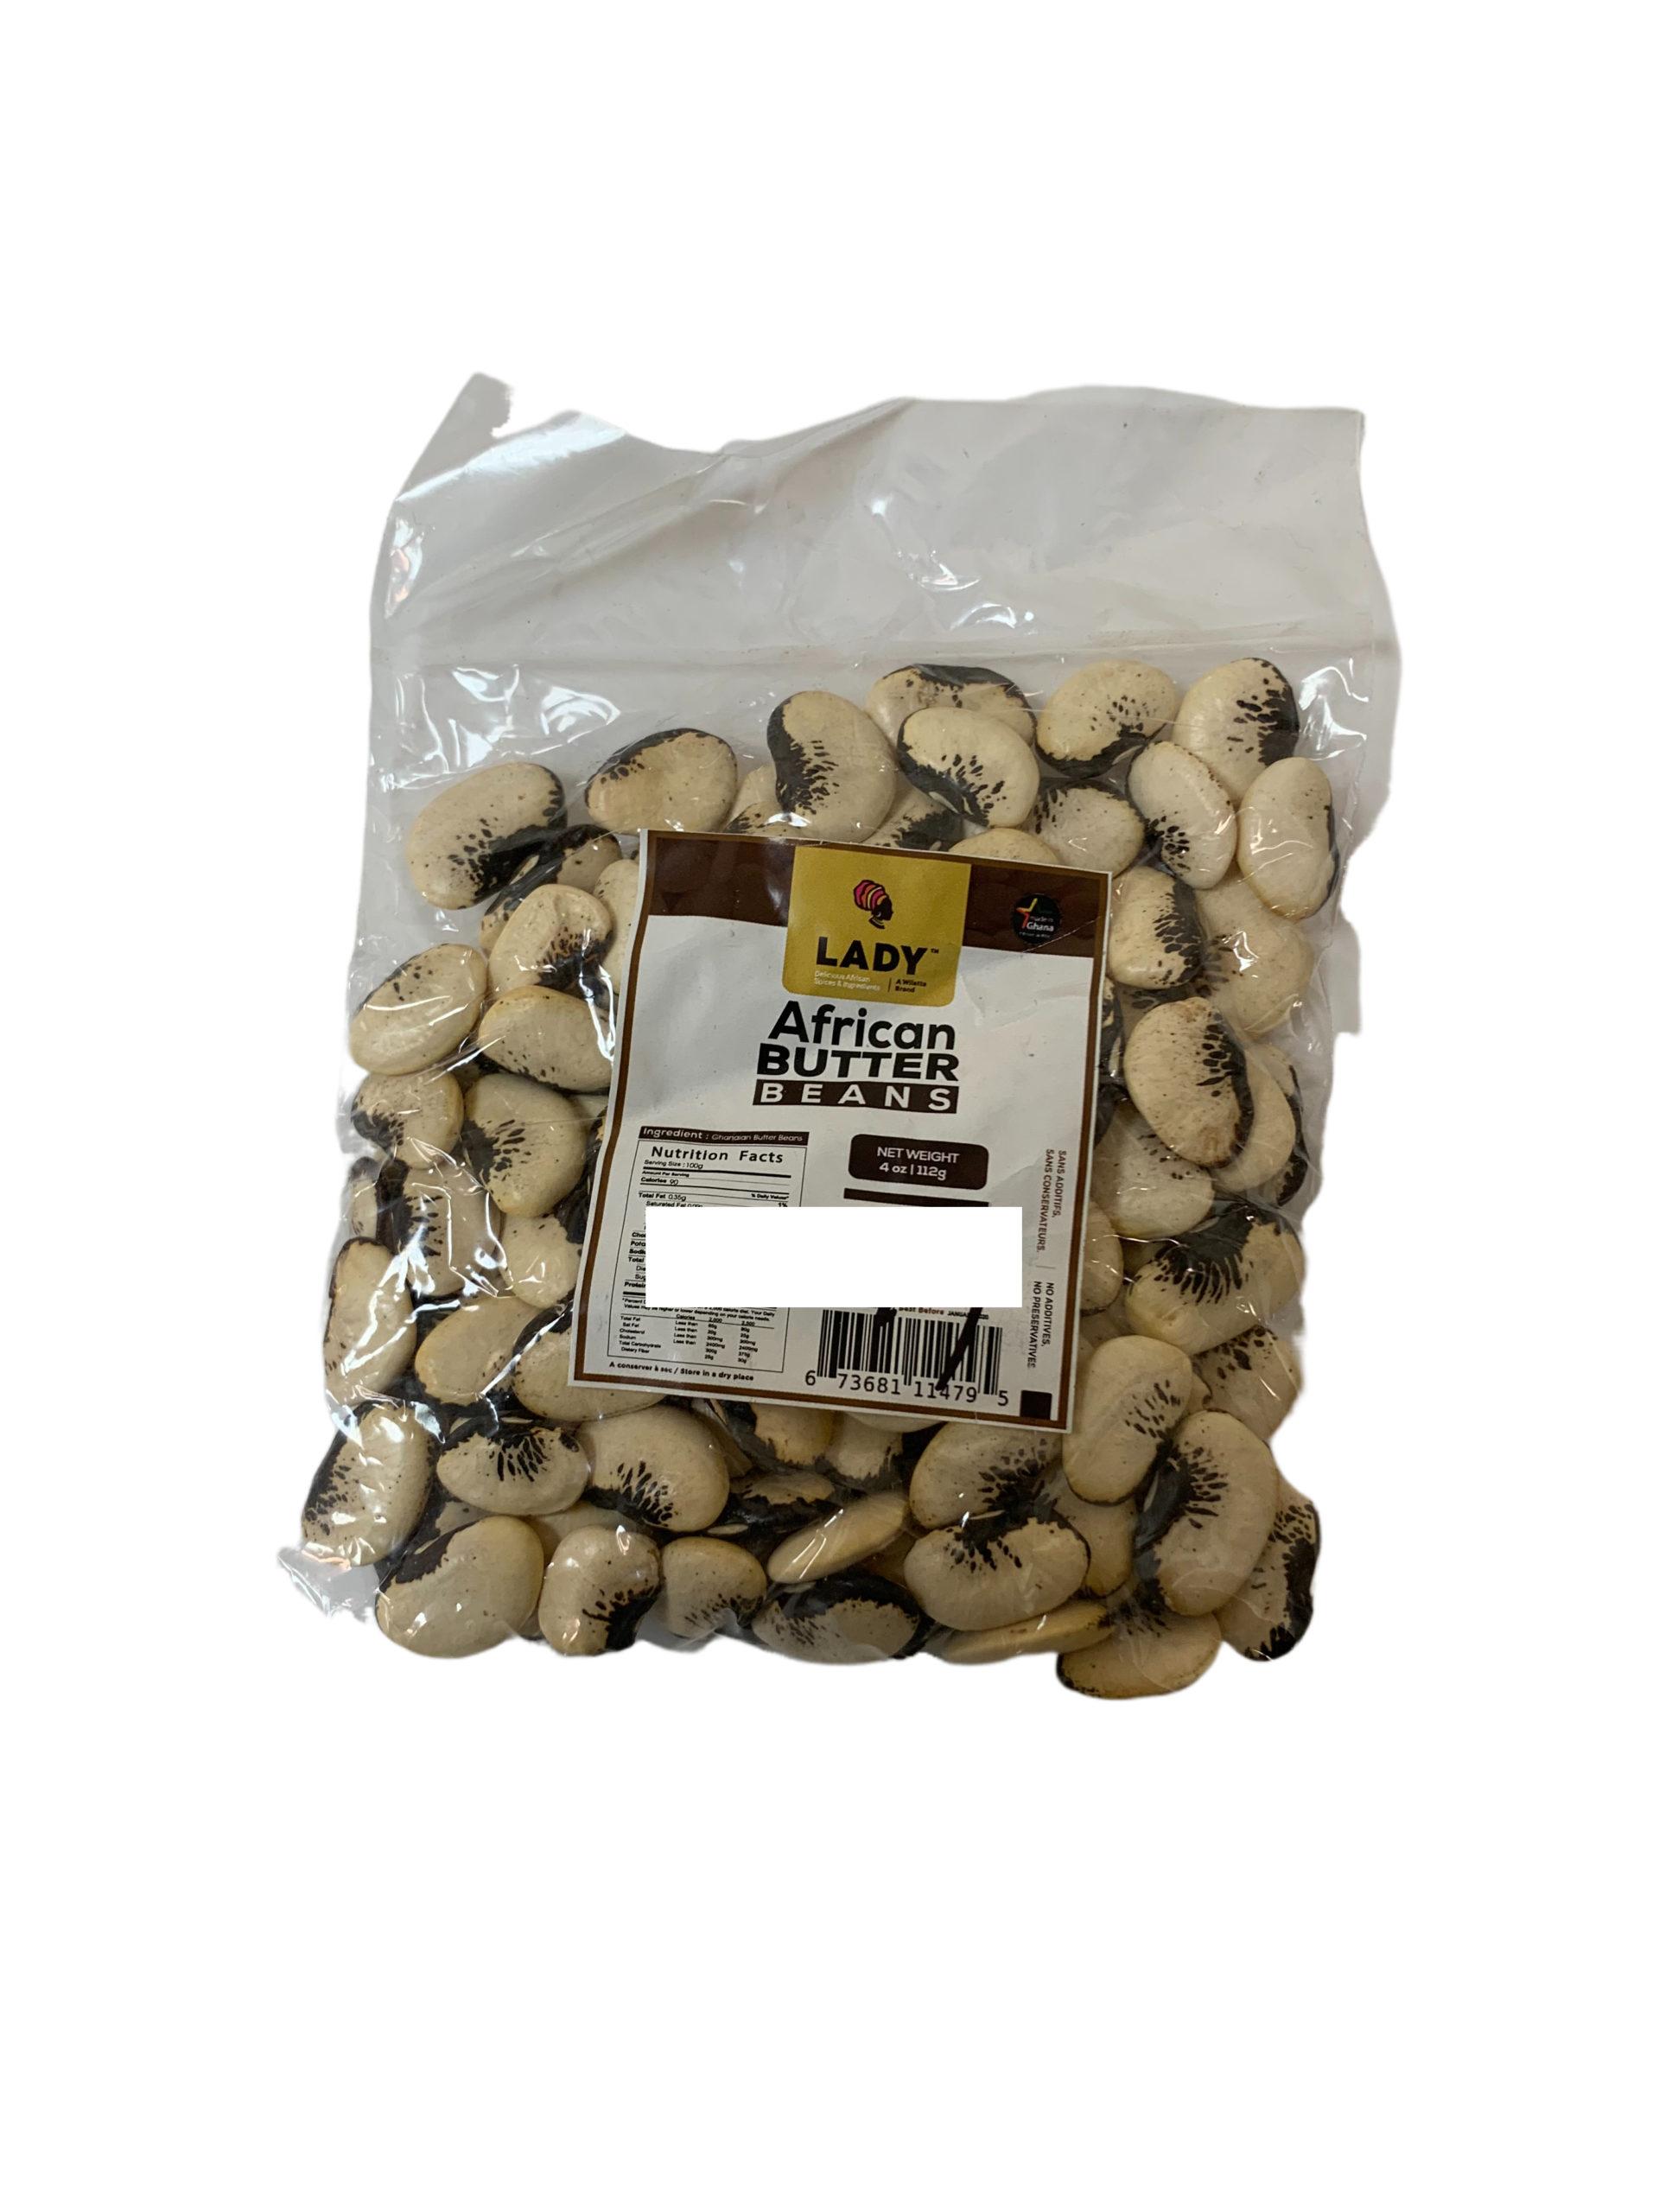 African Butter Beans